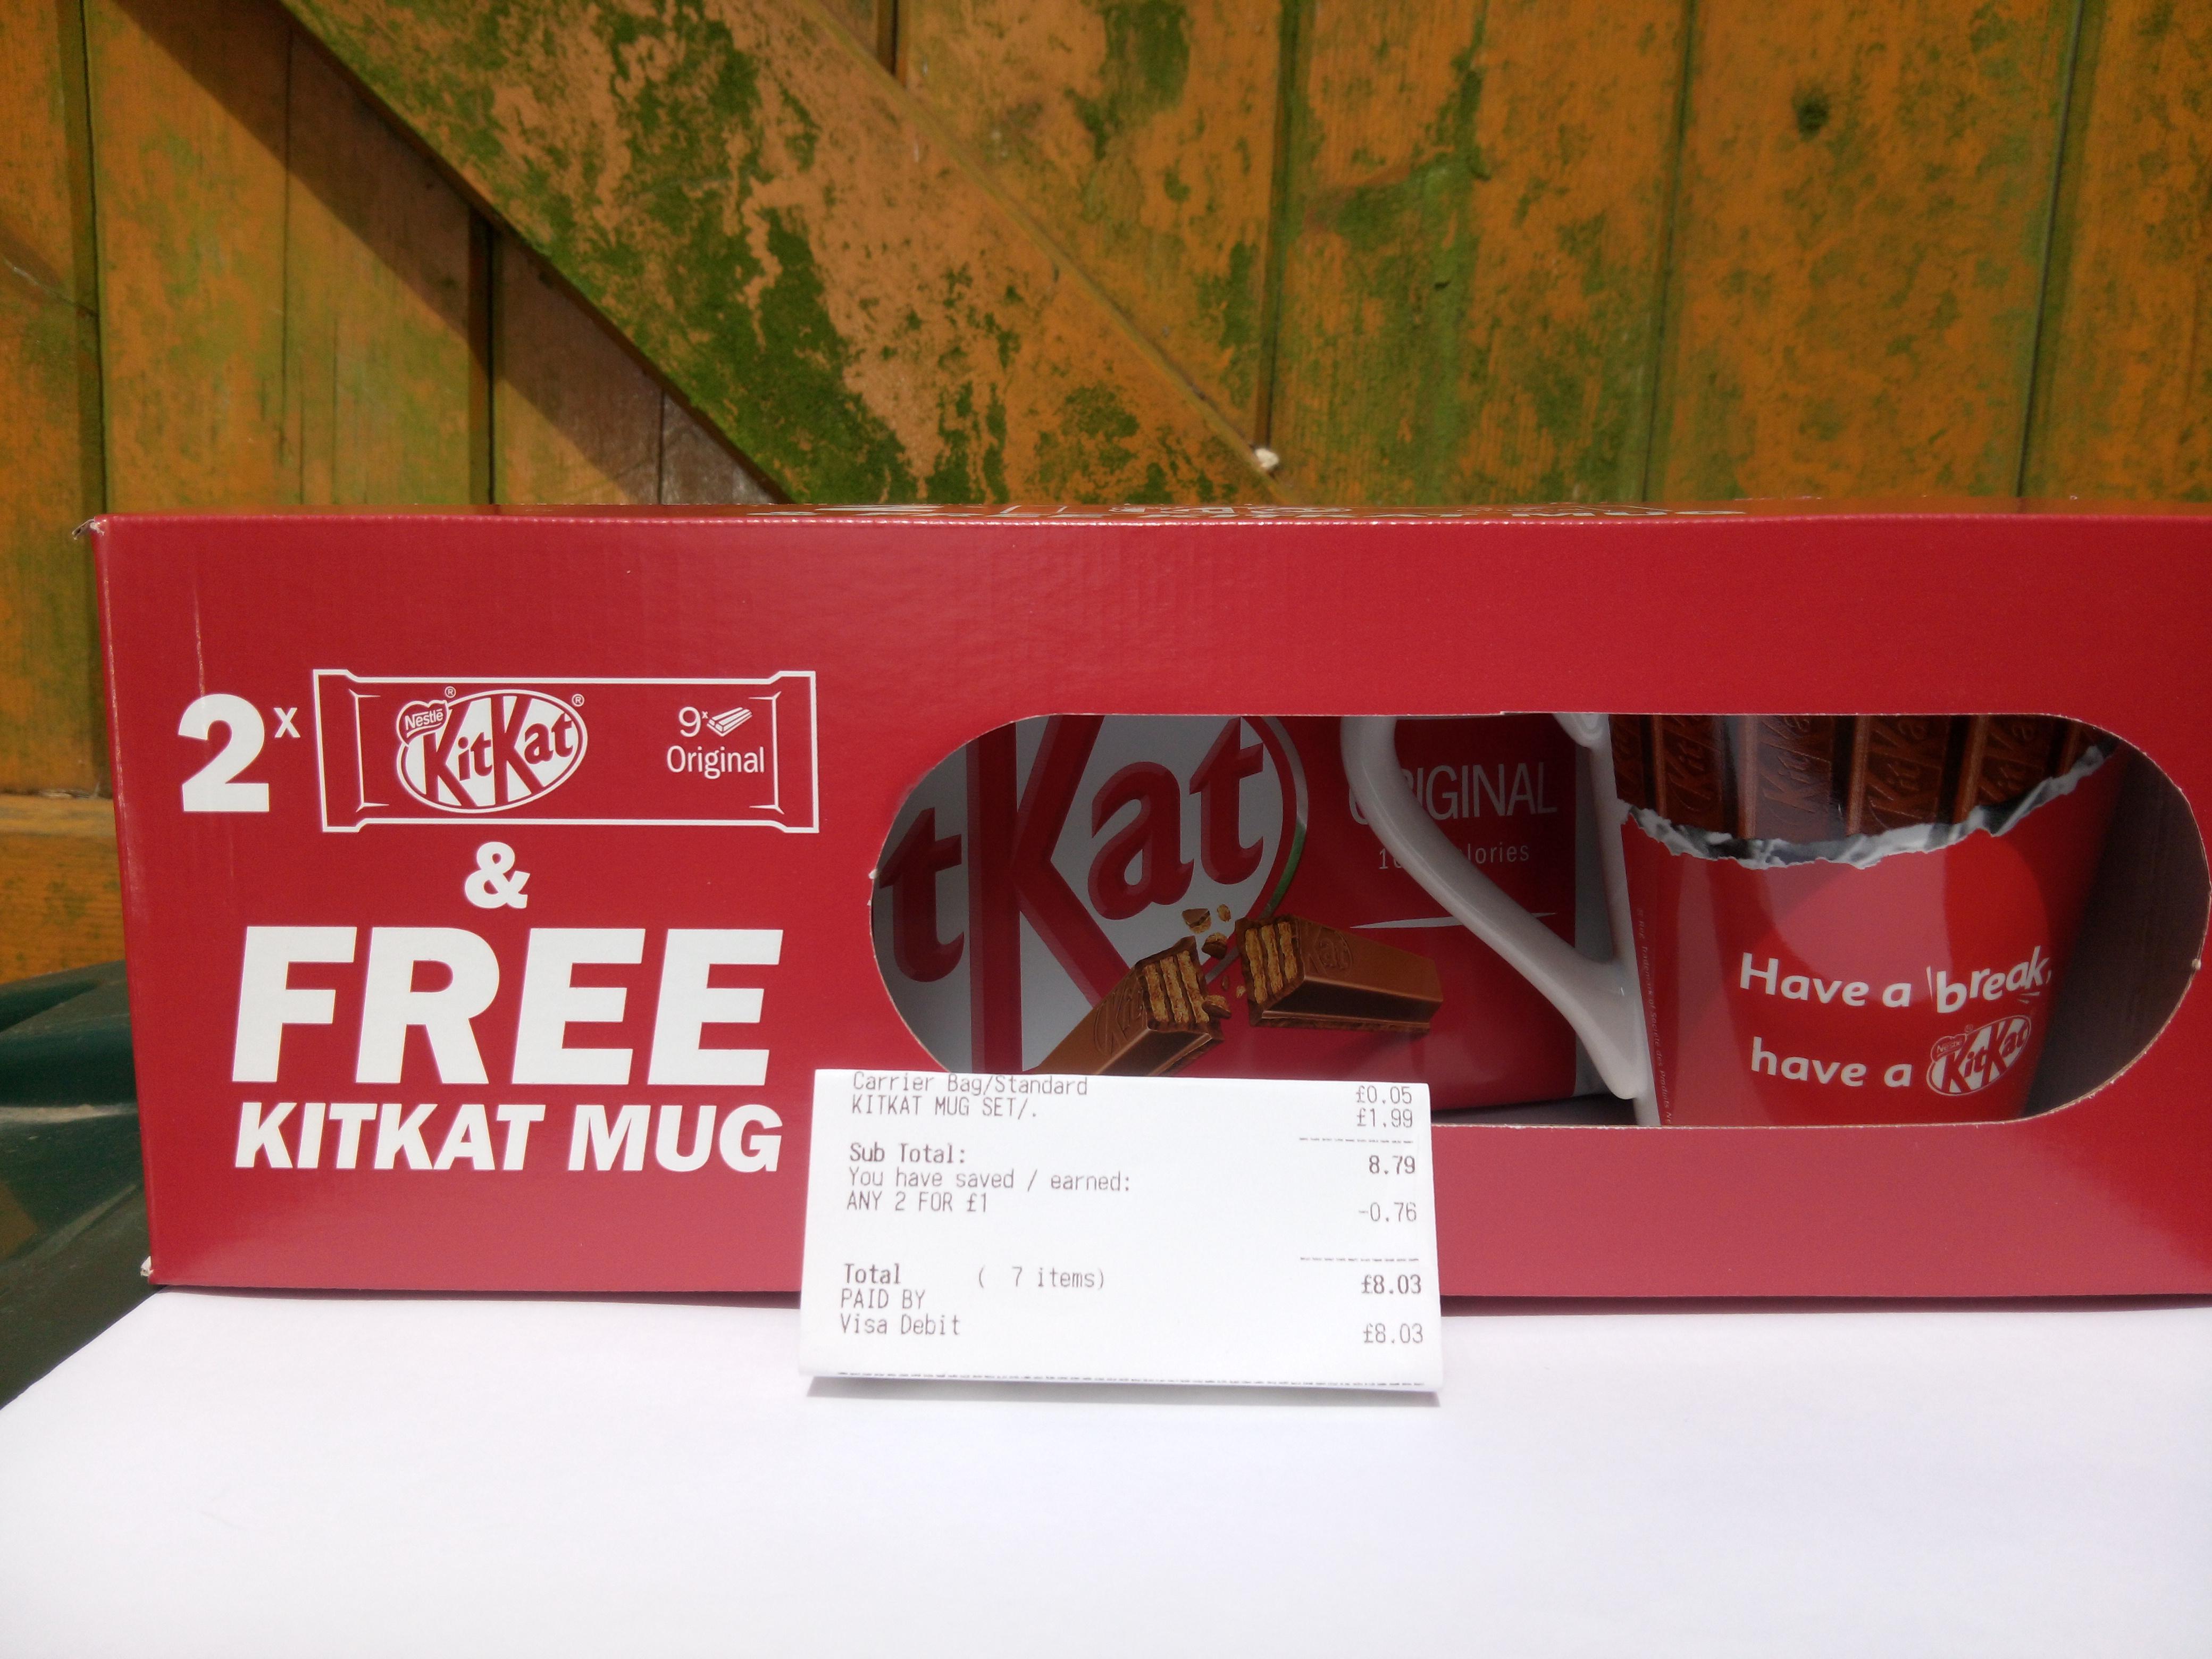 2 x 9 pack of Kit Kat Fingers and a Free KiKat Mug, Just £1.99 at B&M